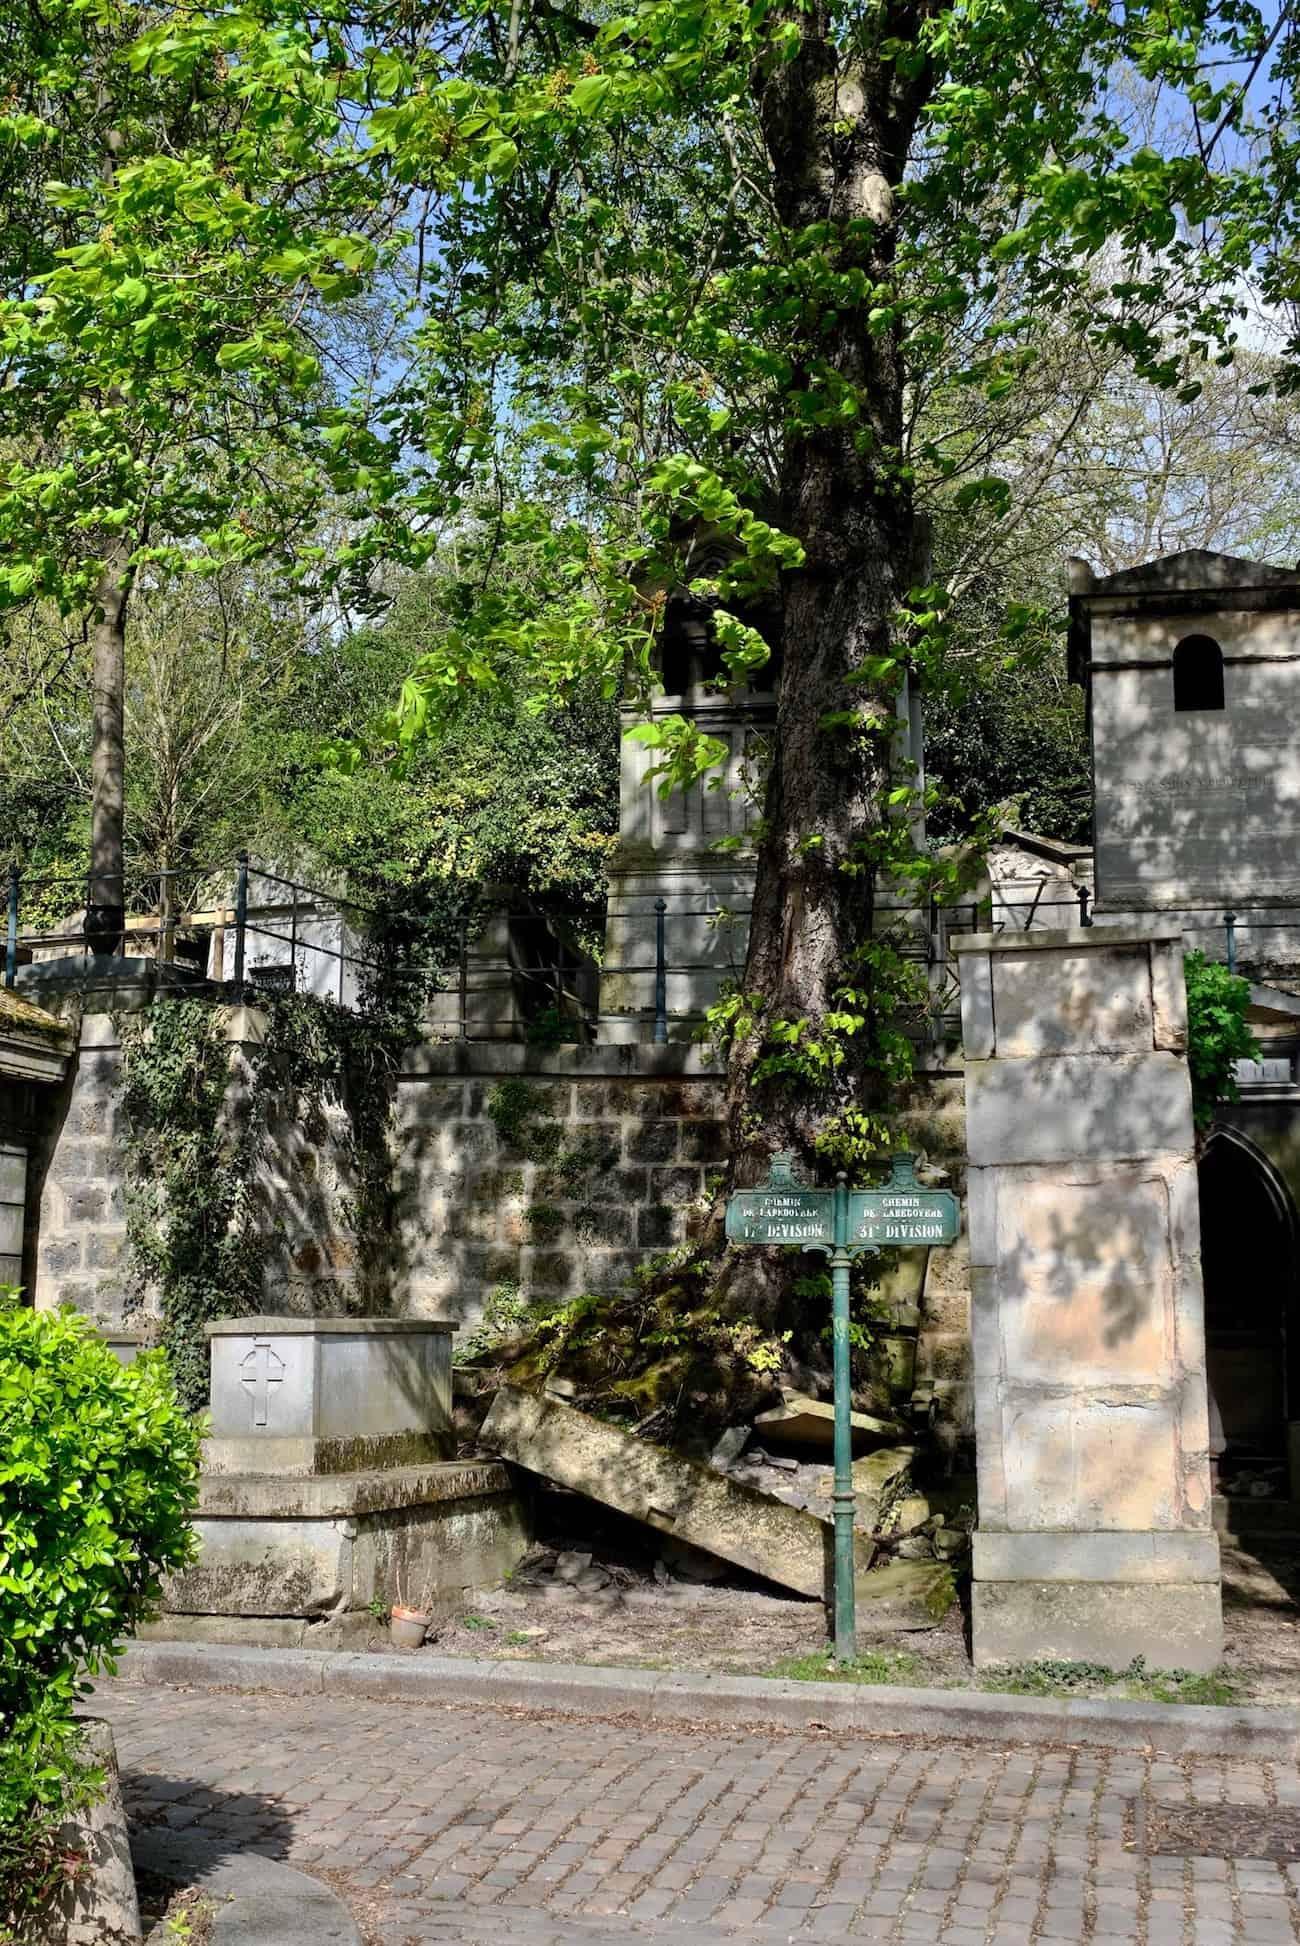 cimetière-pere-lachaise-visite-paris-20em